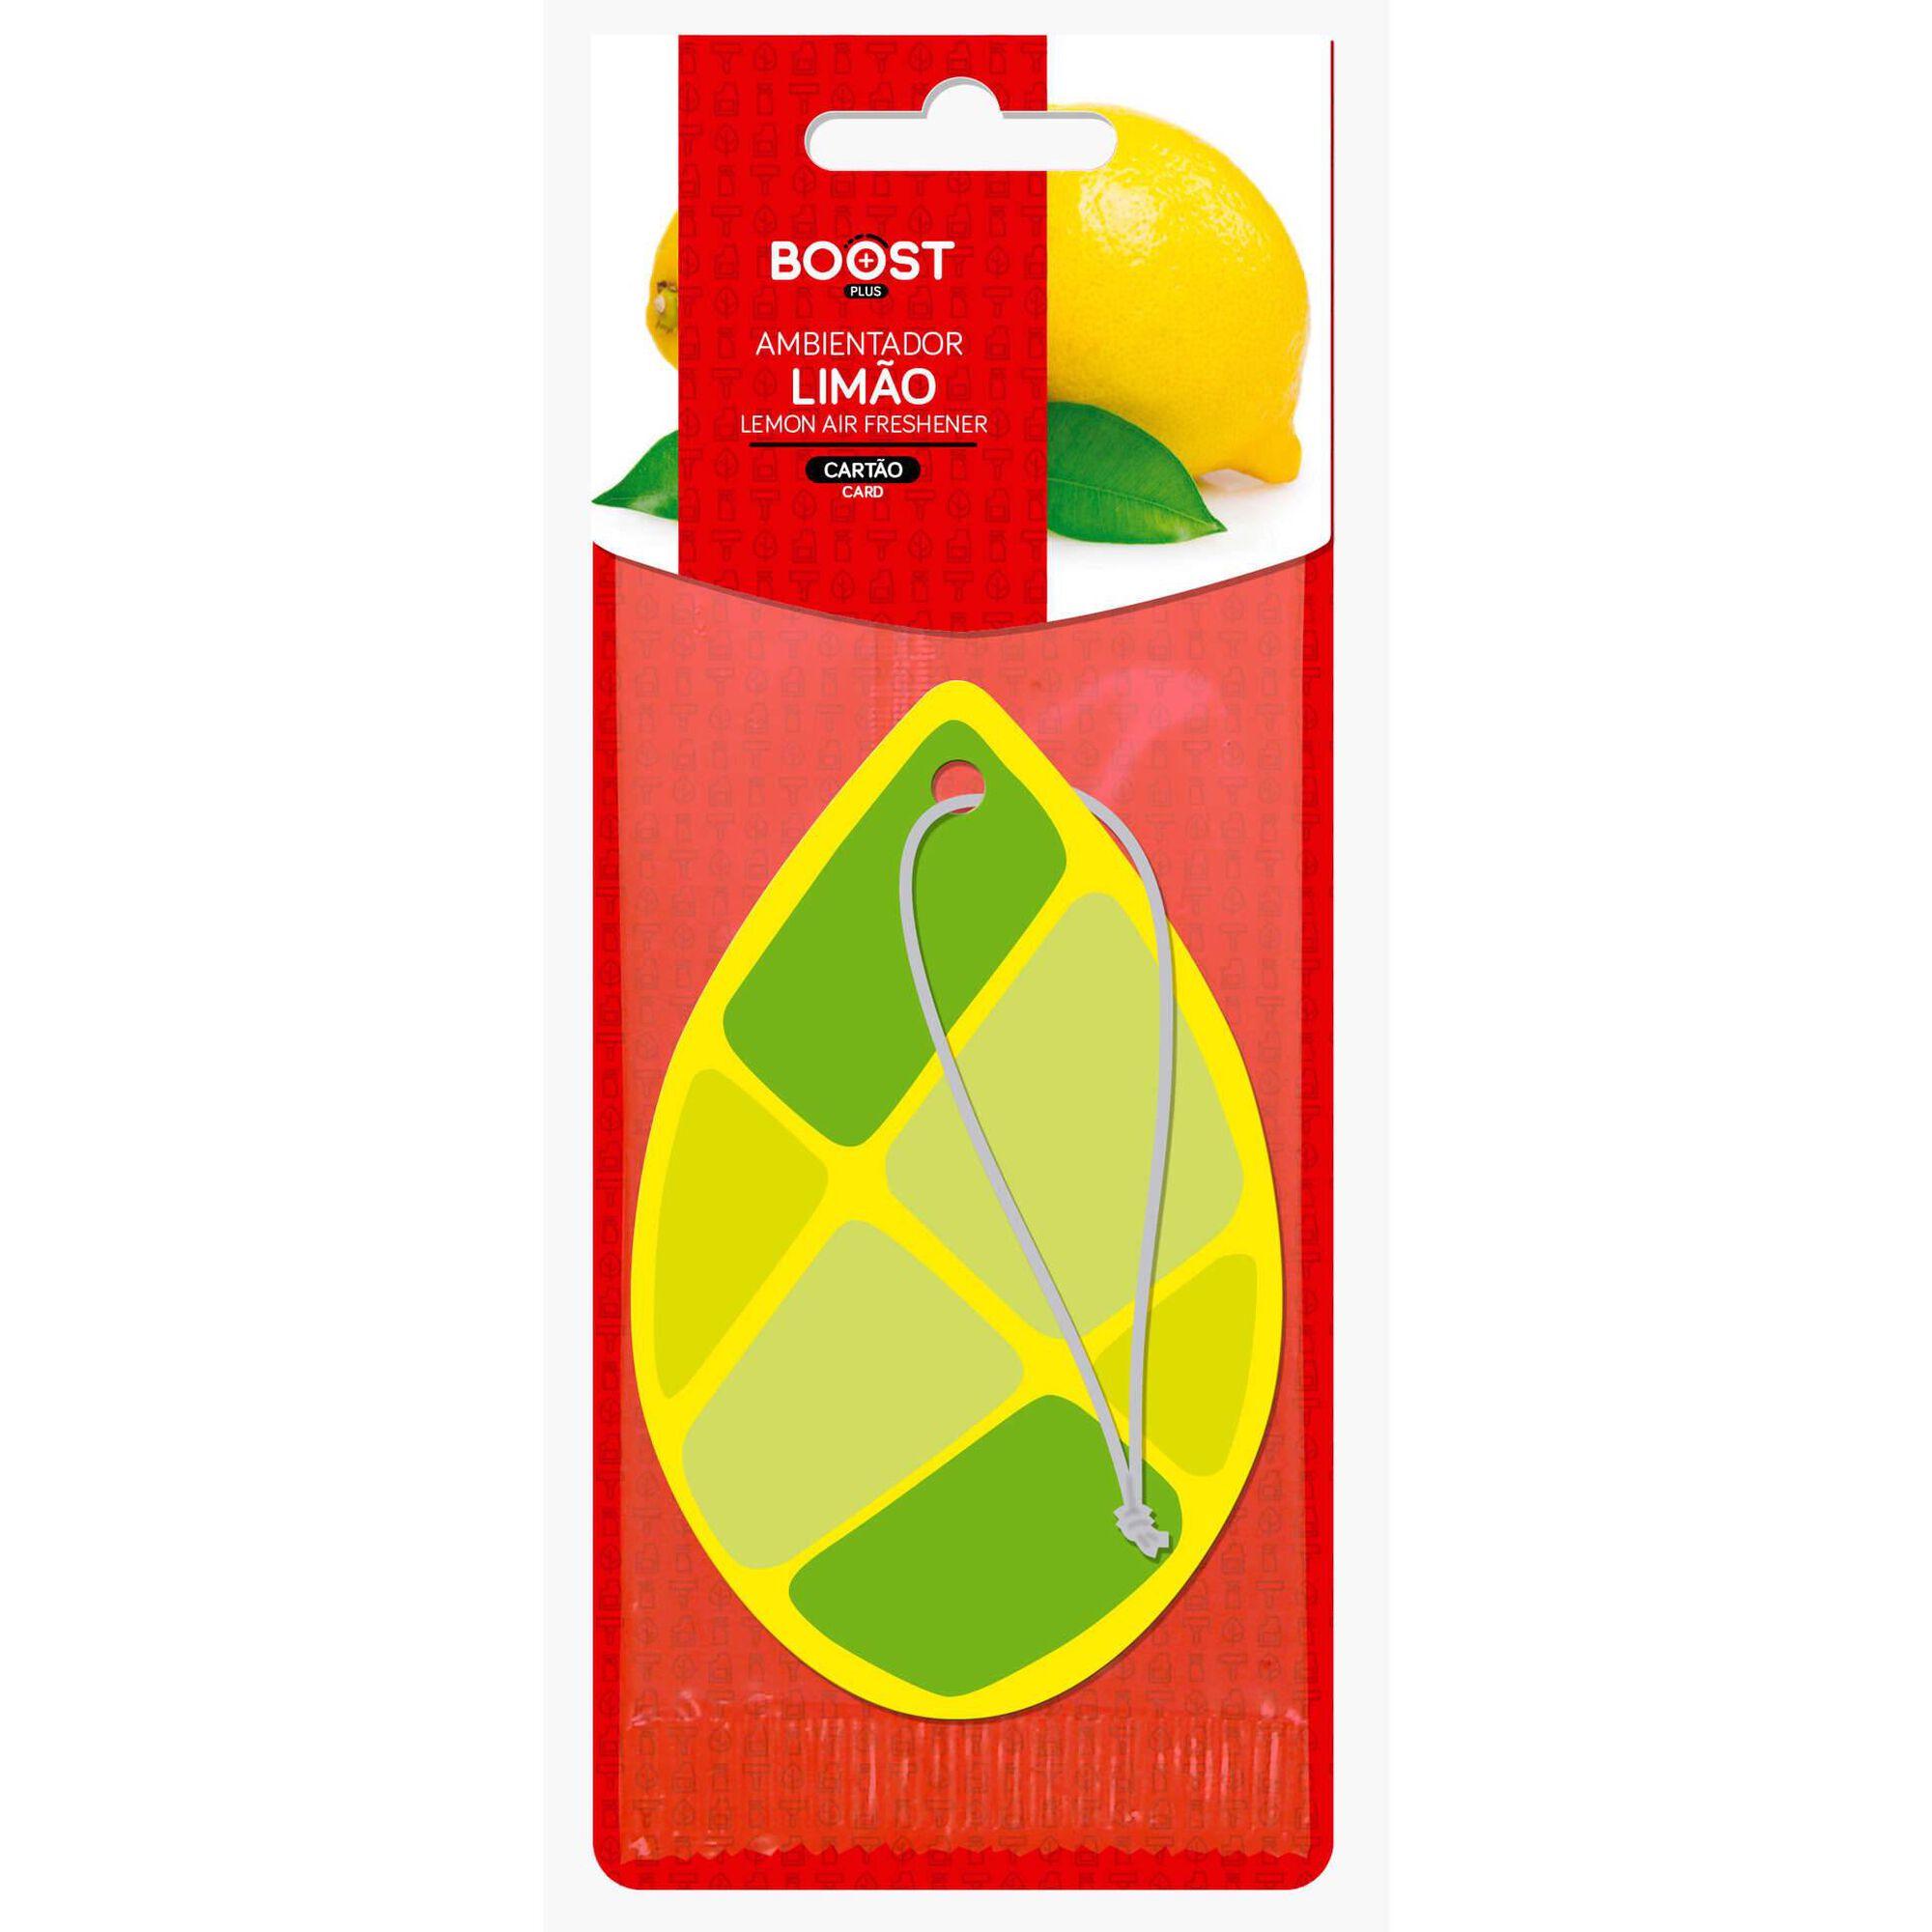 Ambientador Auto Pendurar Cartão Limão